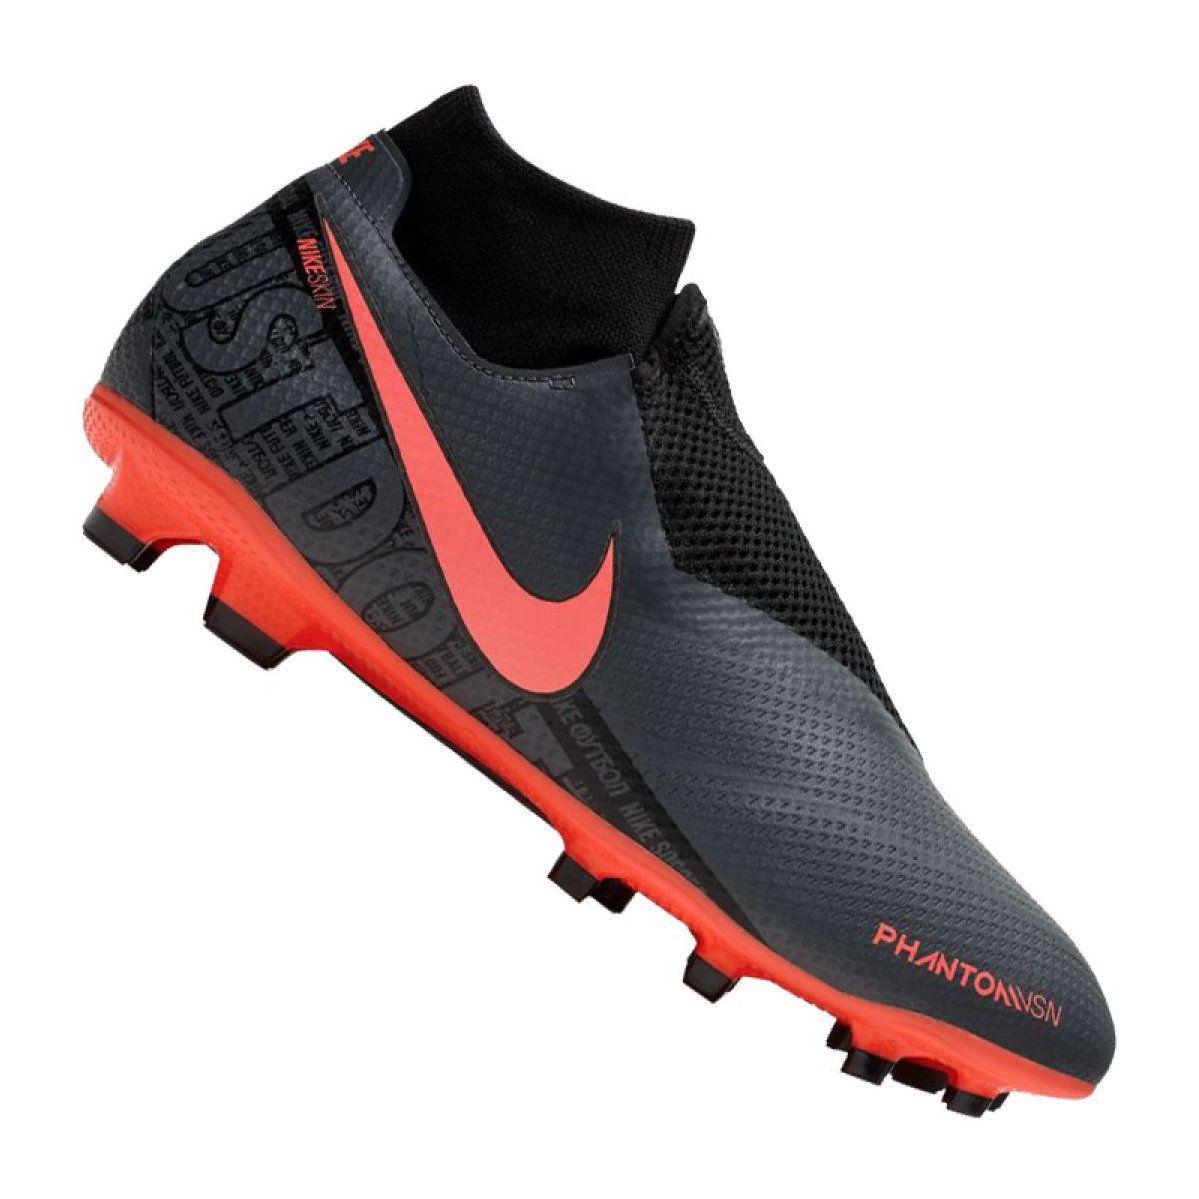 Nike Phantom Vsn Pro Df Fg M AO3266 080 football shoes black